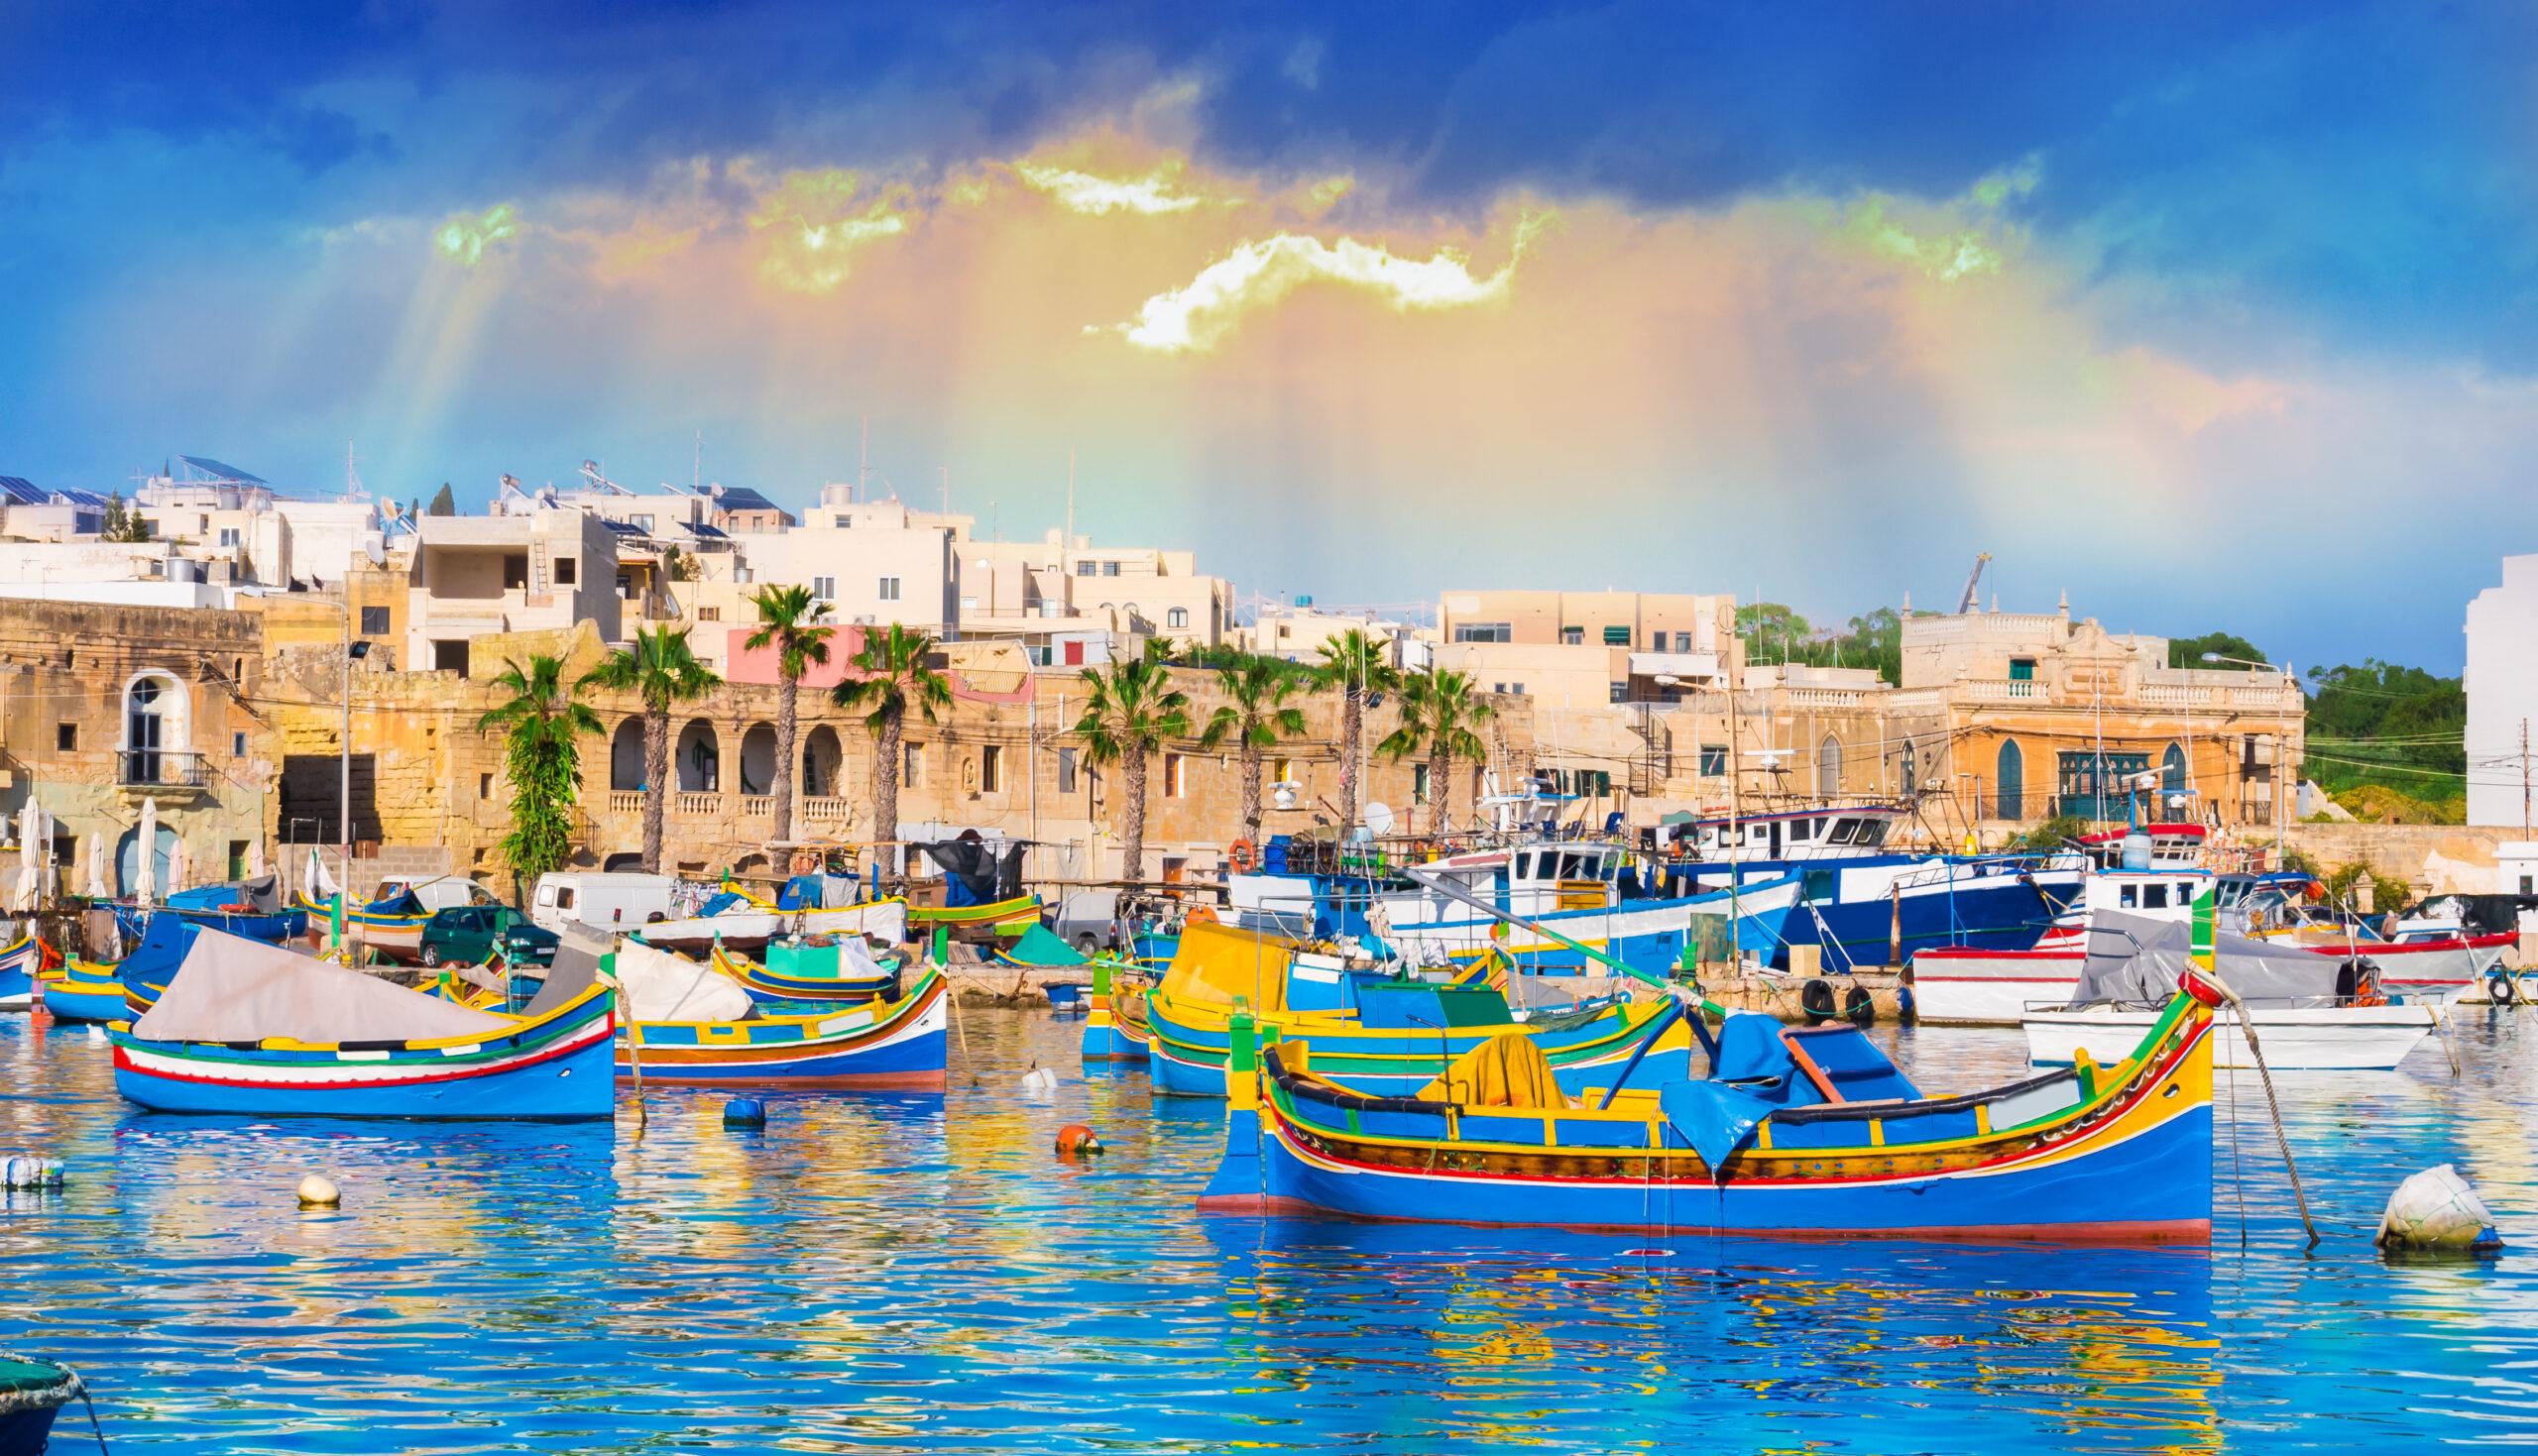 Marsaxlokk Village Harbor in Malta